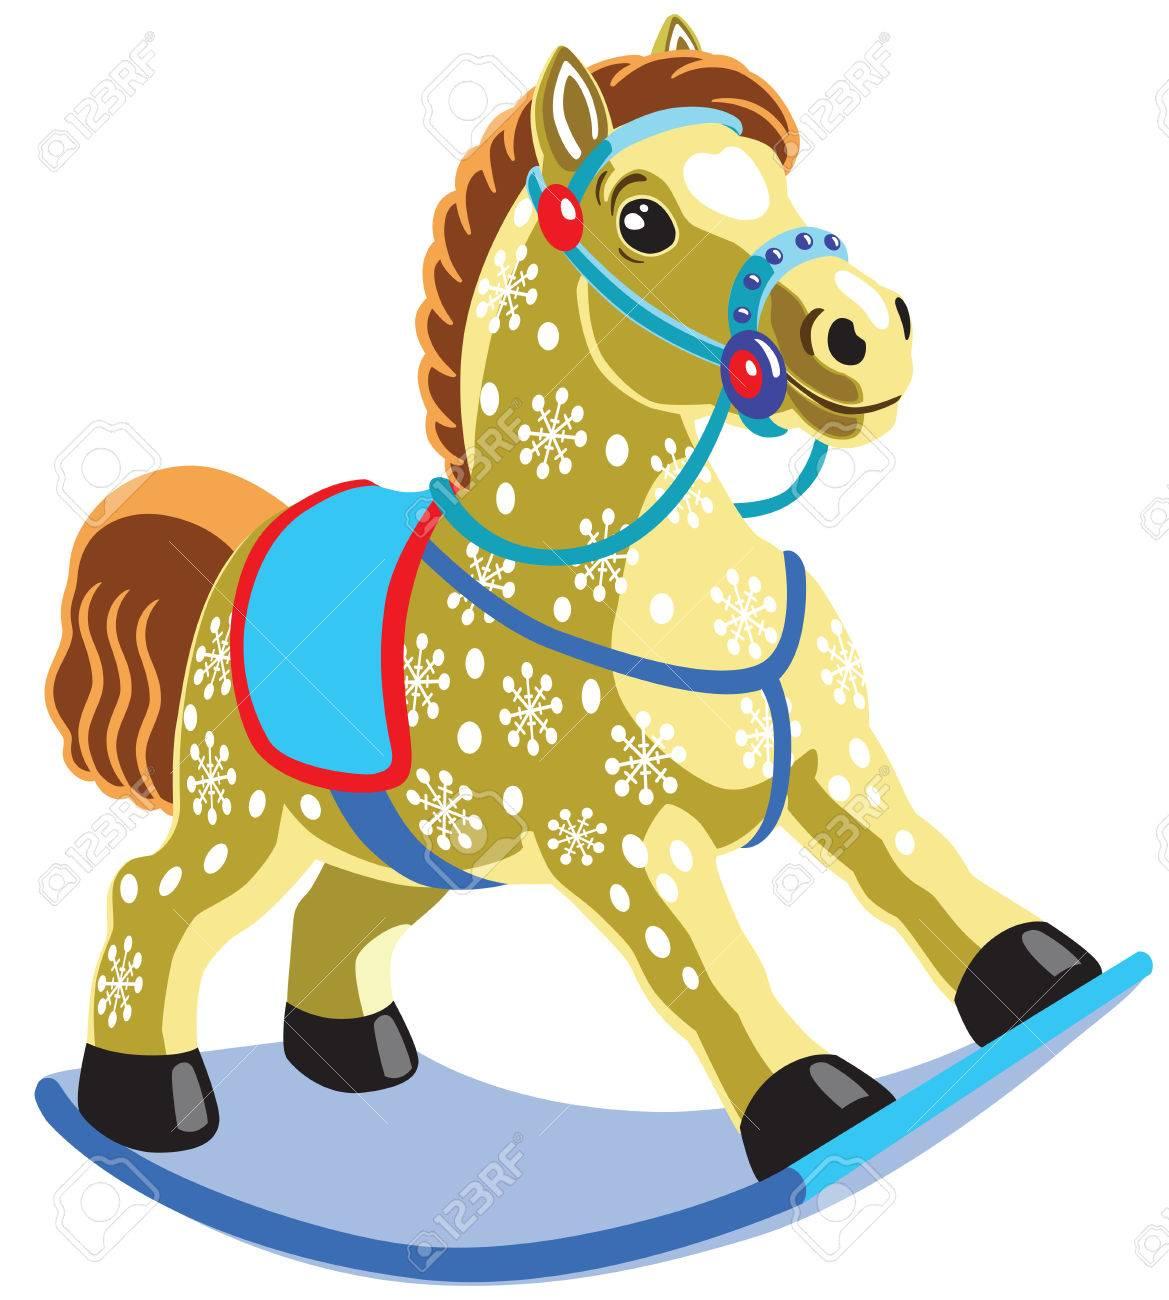 Bascule jouet cheval, image isolée pour les petits enfants